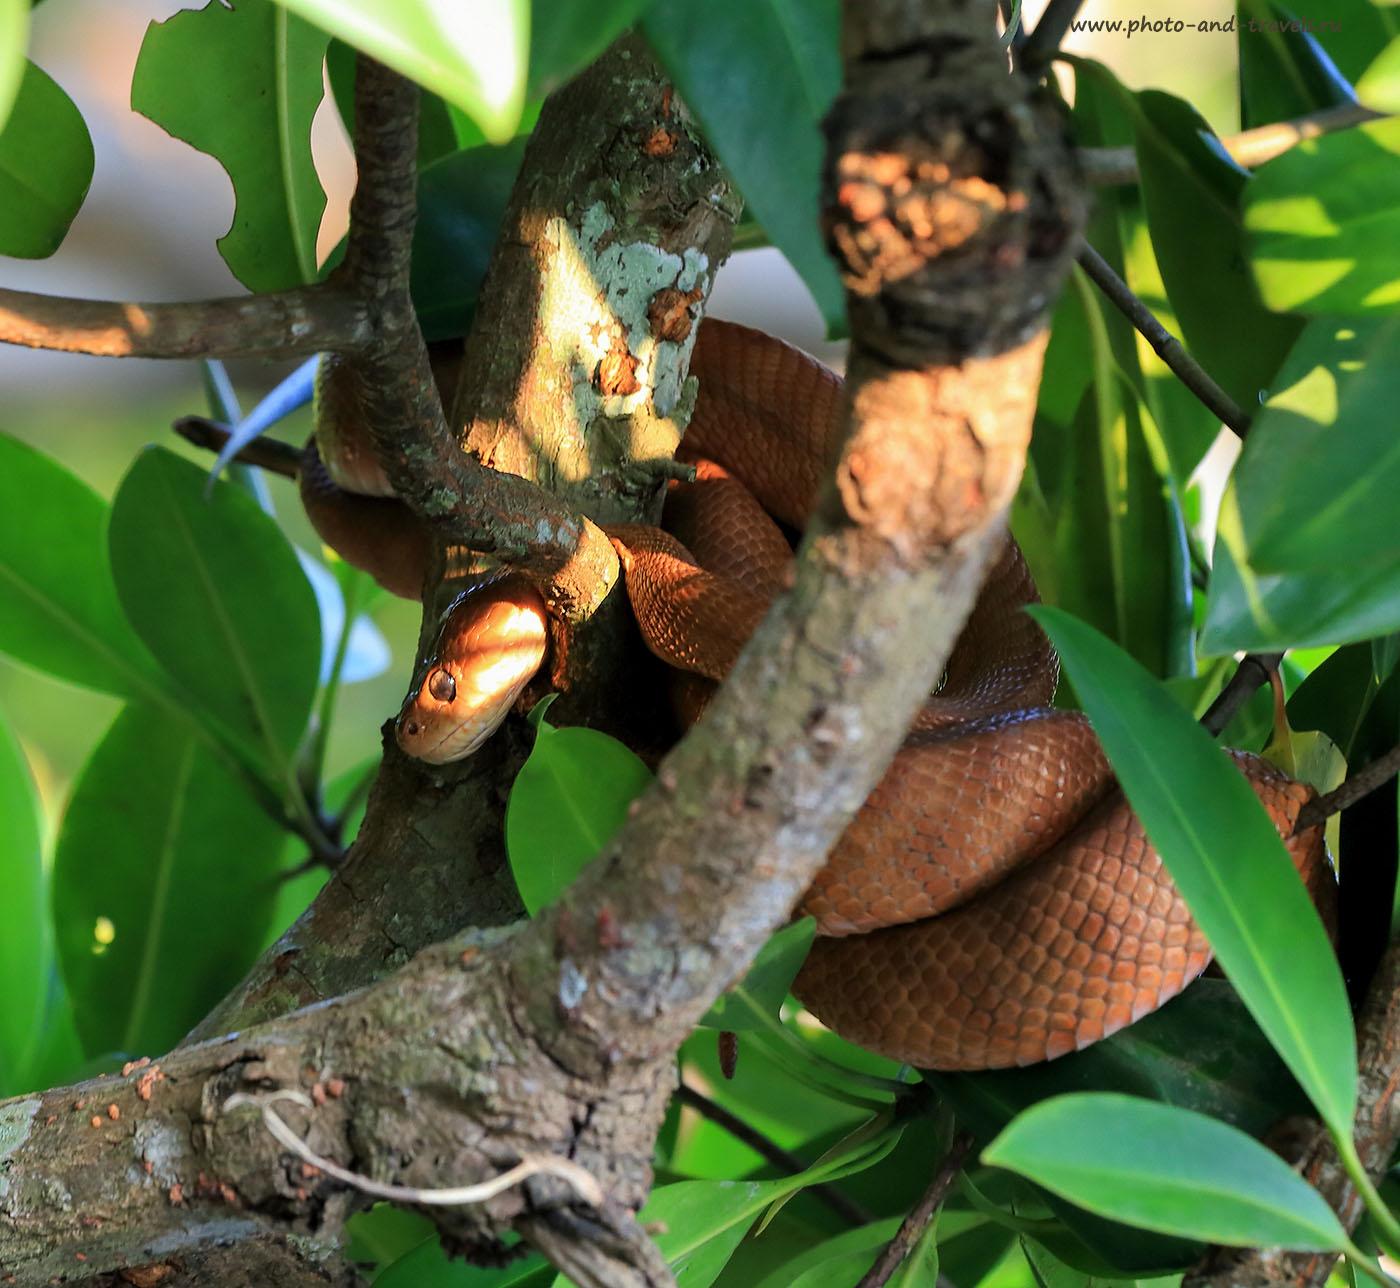 Фото 15. Змея в джунглях на Старом Гоа. Отзывы туристов о безопасности во время путешествия в Индию (70-200, 1/60, -1eV, f7.1, 191mm, ISO 400)